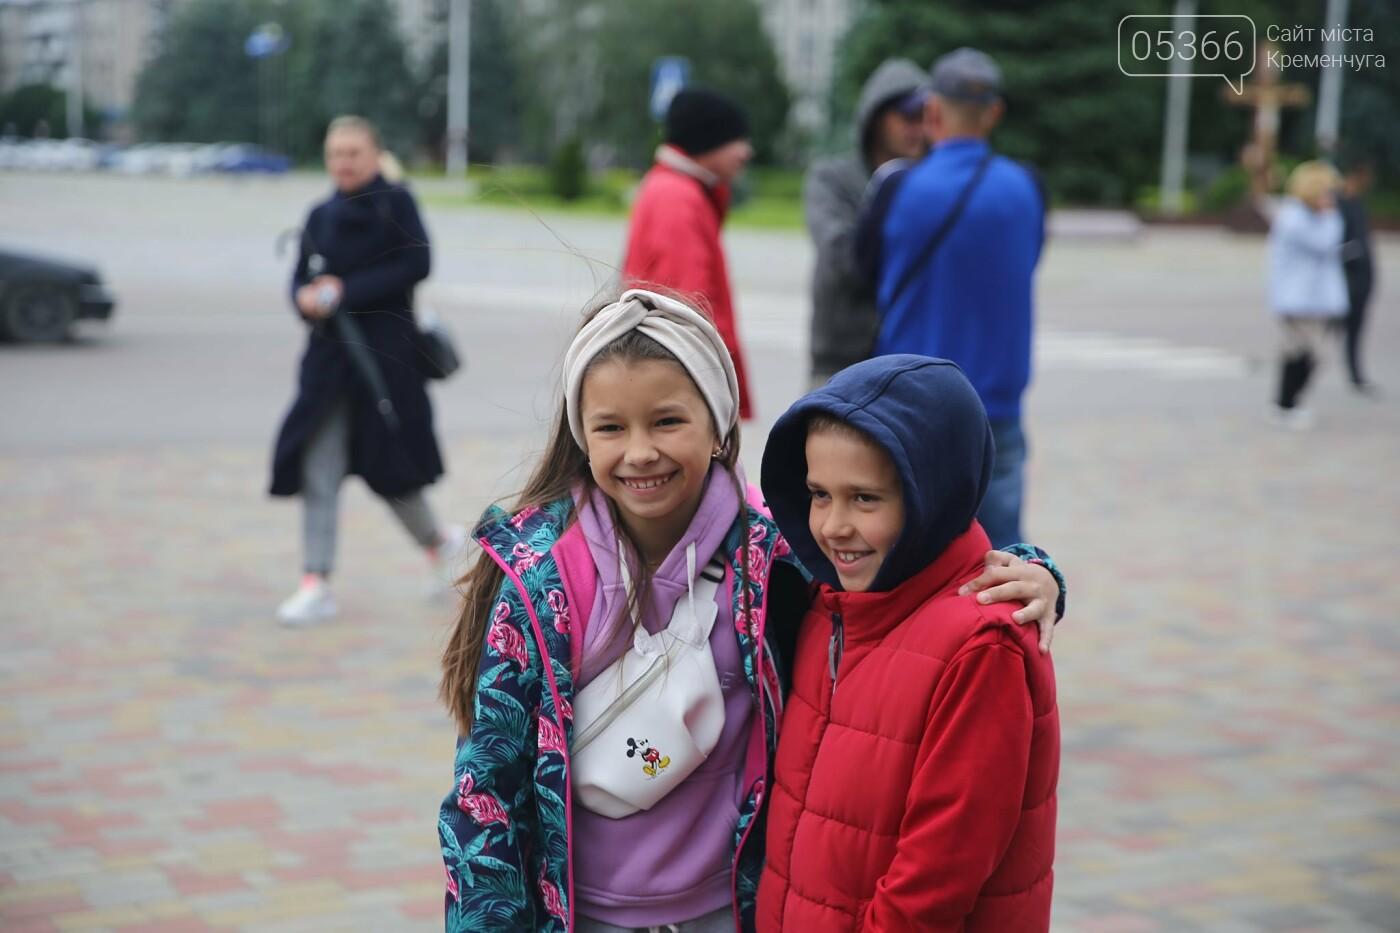 """У літній табір стукаючи зубами від холоду: сьогодні дітей відправляють до """"Зоряного"""". ФОТО, фото-1"""